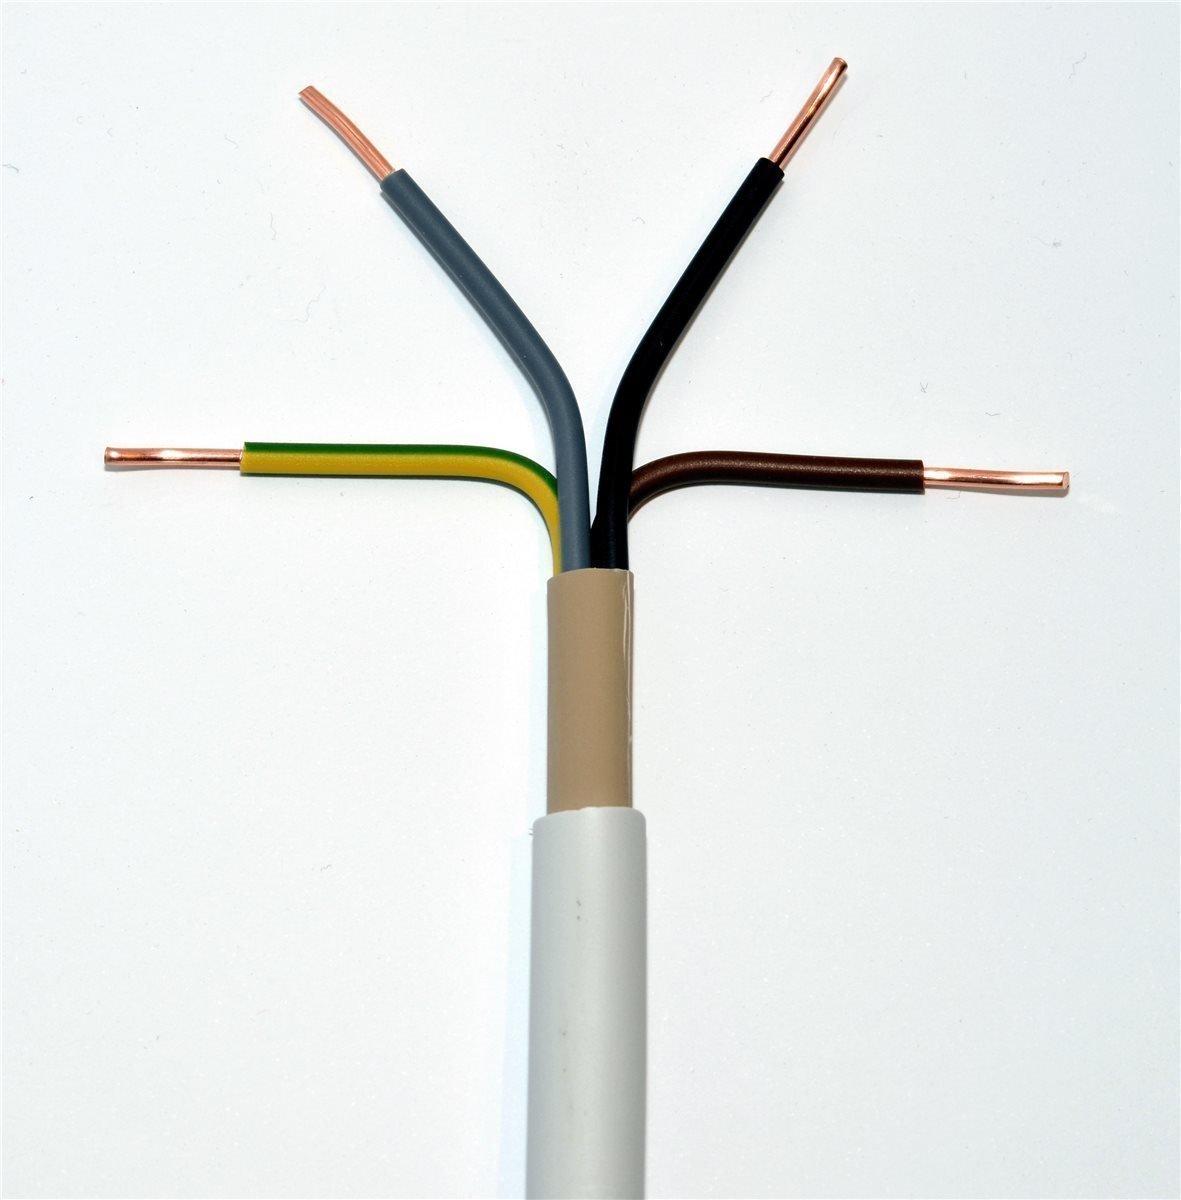 50m NYM-J 3x4 mm/² RE 50m-Ring Mantelleitung grau 3x4 qmm Installationsleitung Feuchtraumleitung